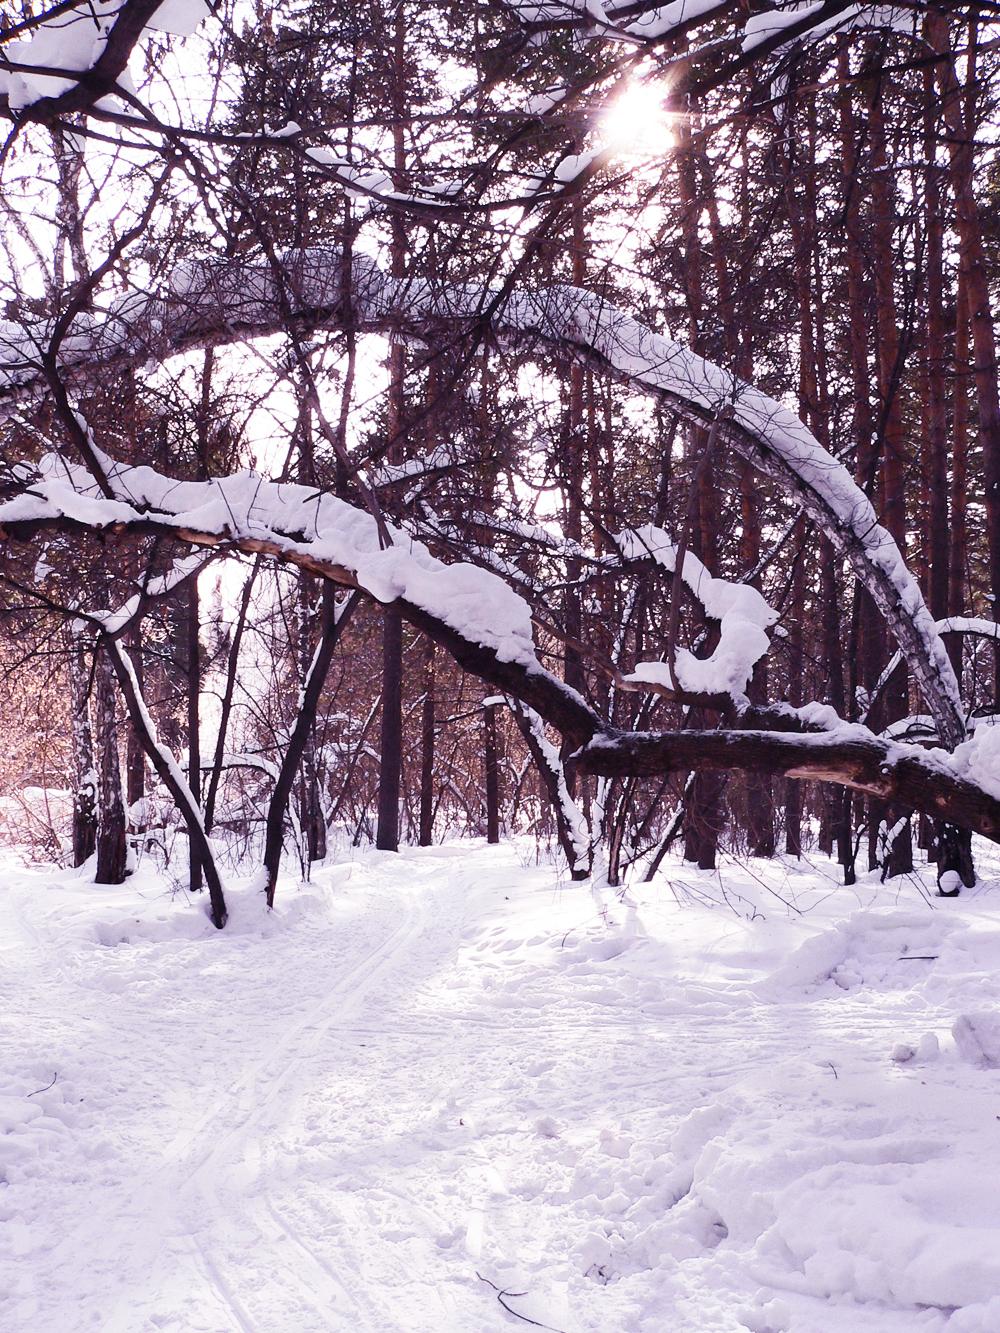 Обработка-в-фотошопе-зима